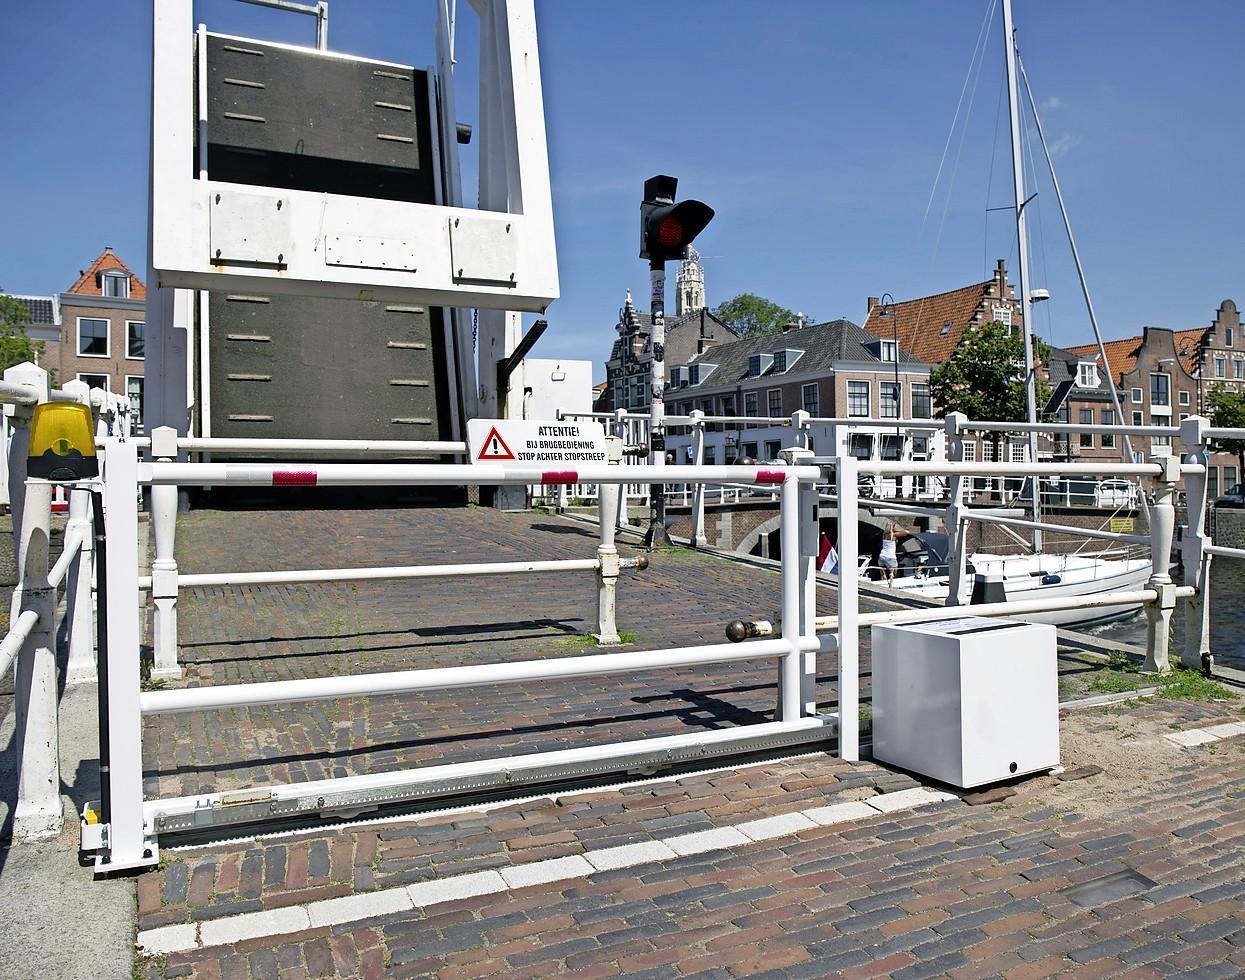 Gravestenenbrug in Haarlem nu toch écht weer in bedrijf